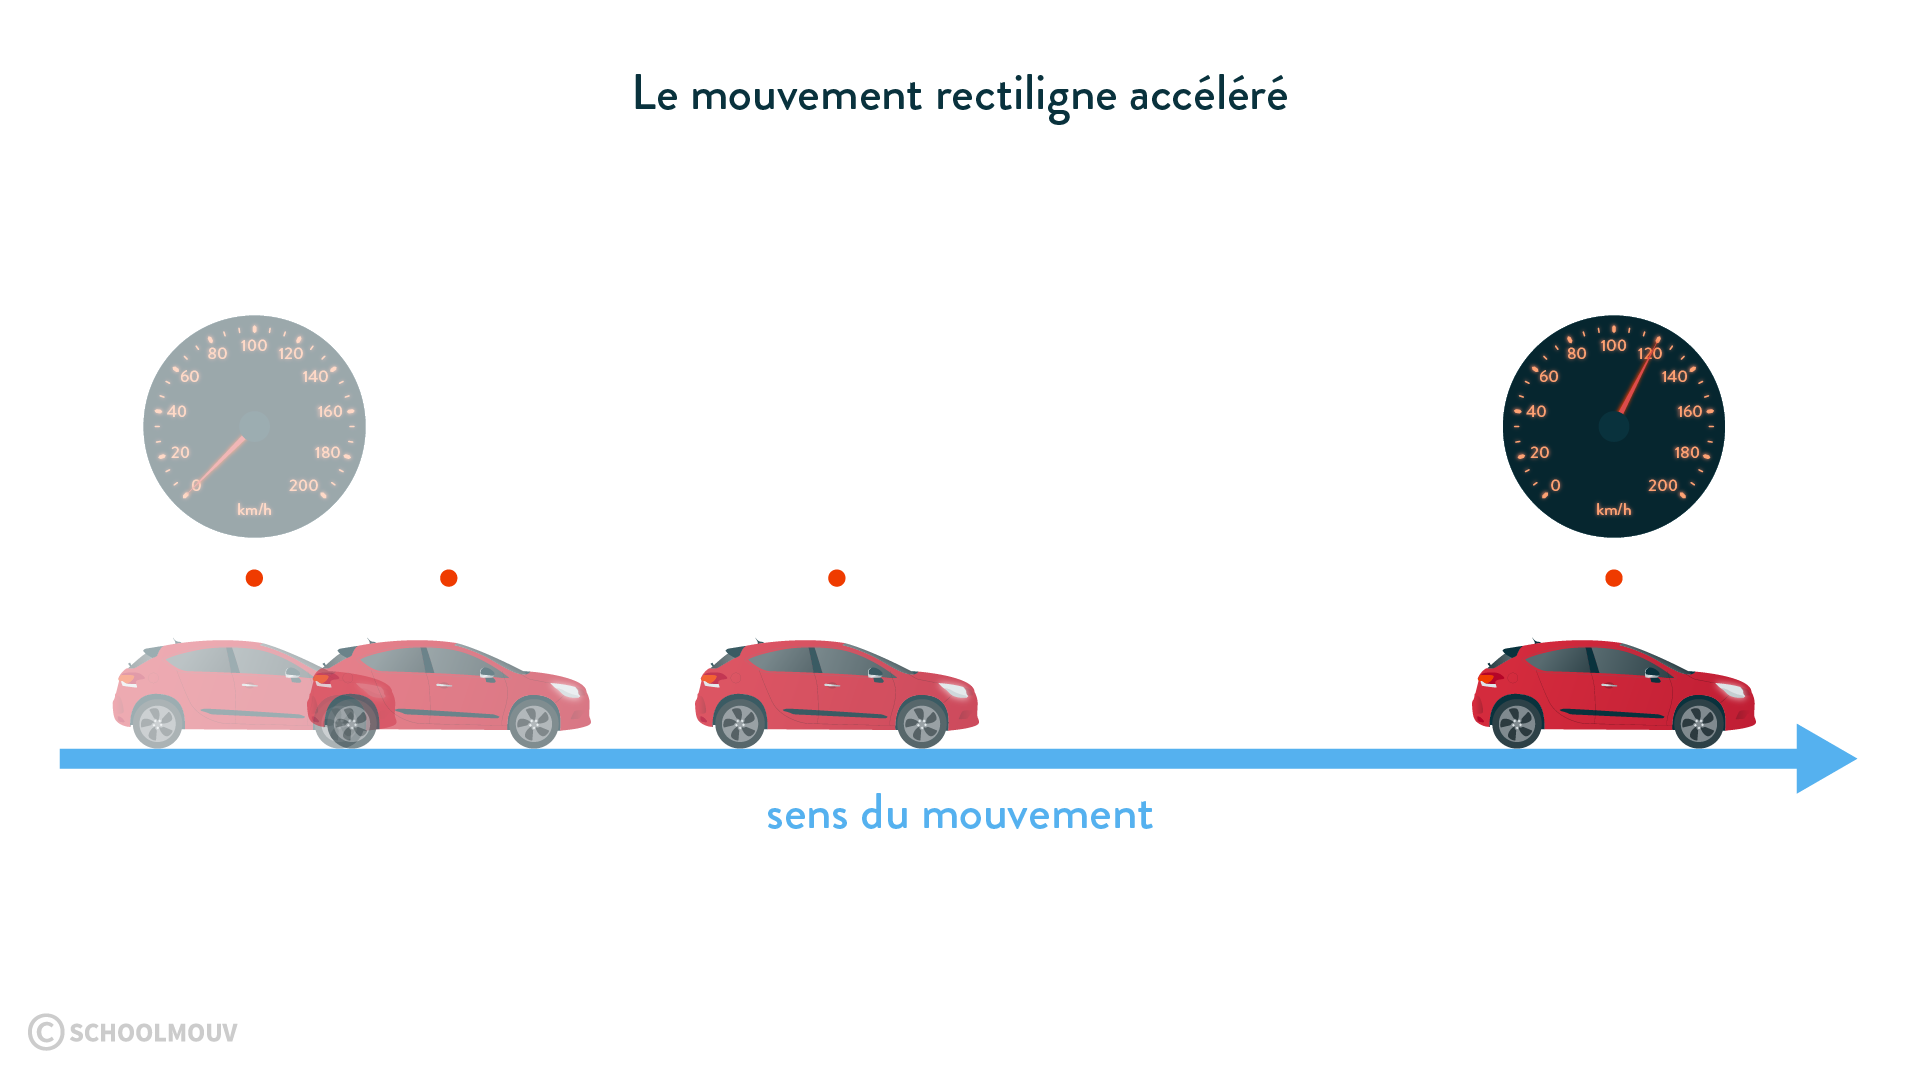 Le mouvement rectiligne accéléré d'une voiture physique chimie 6eme schoolmouv